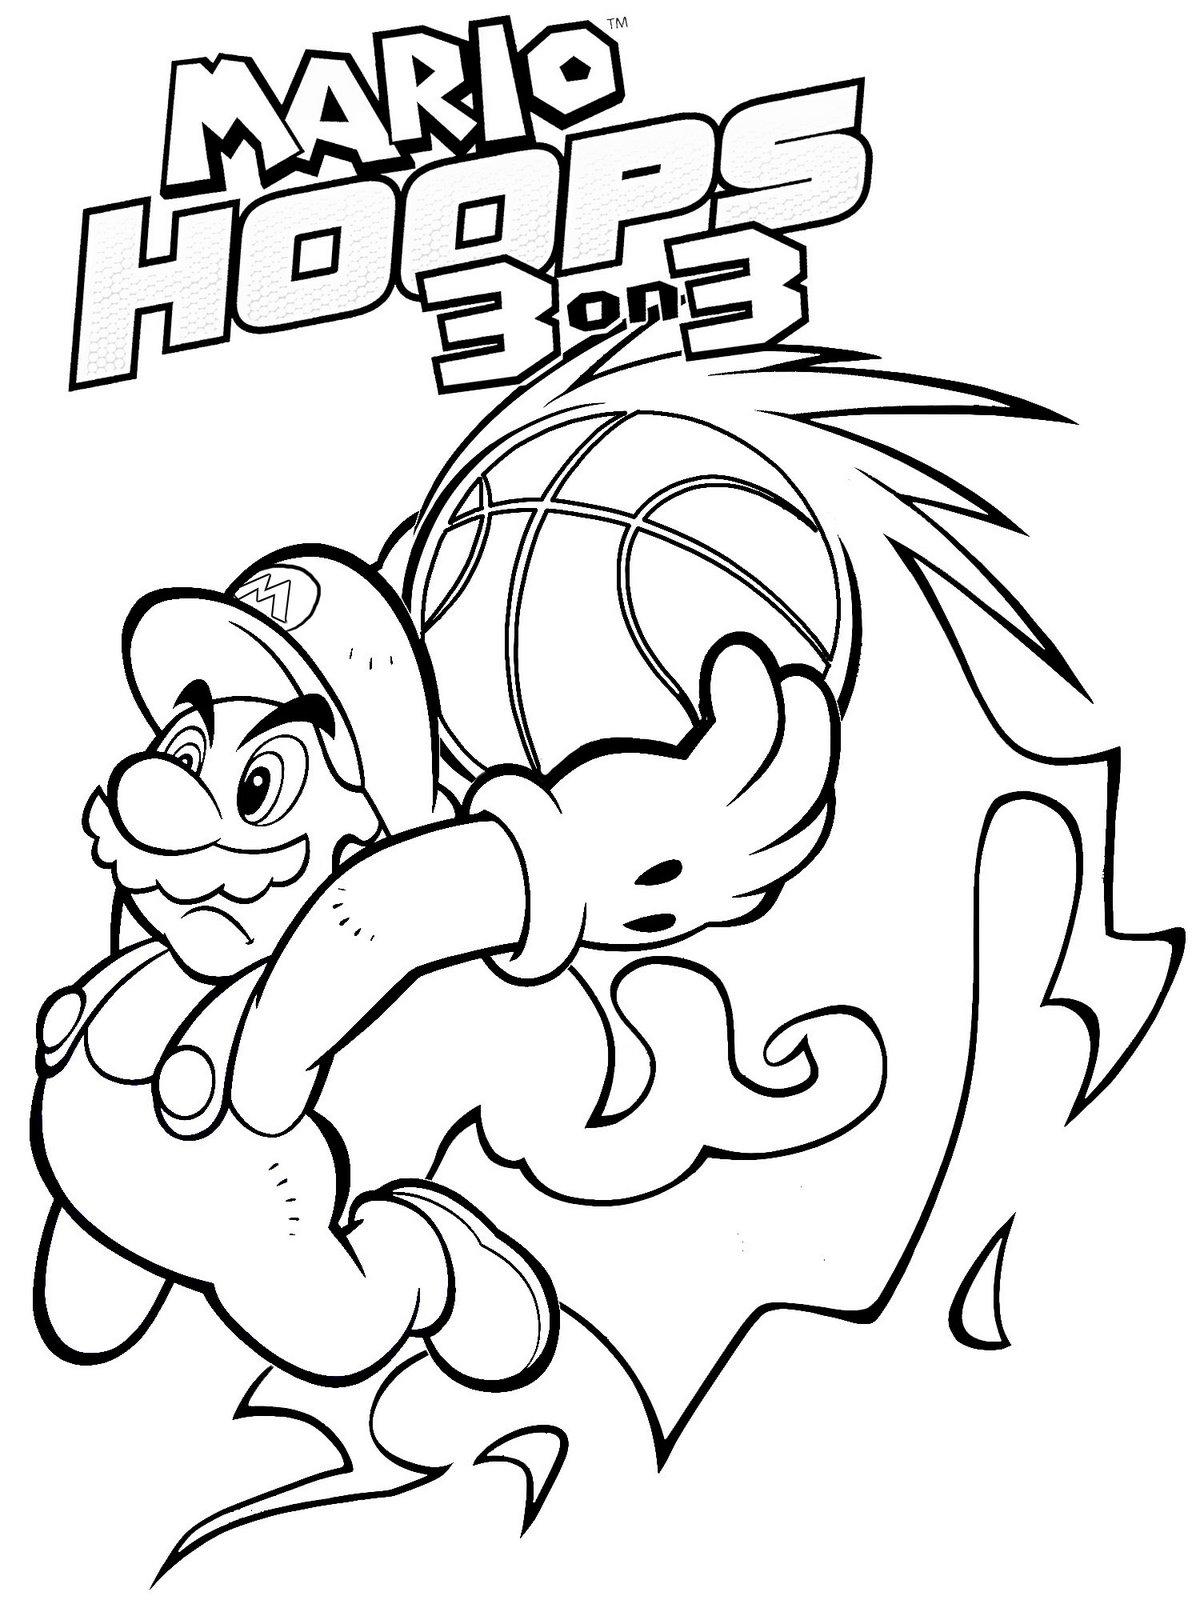 138 dibujos de Mario bros para colorear | Oh Kids | Page 1